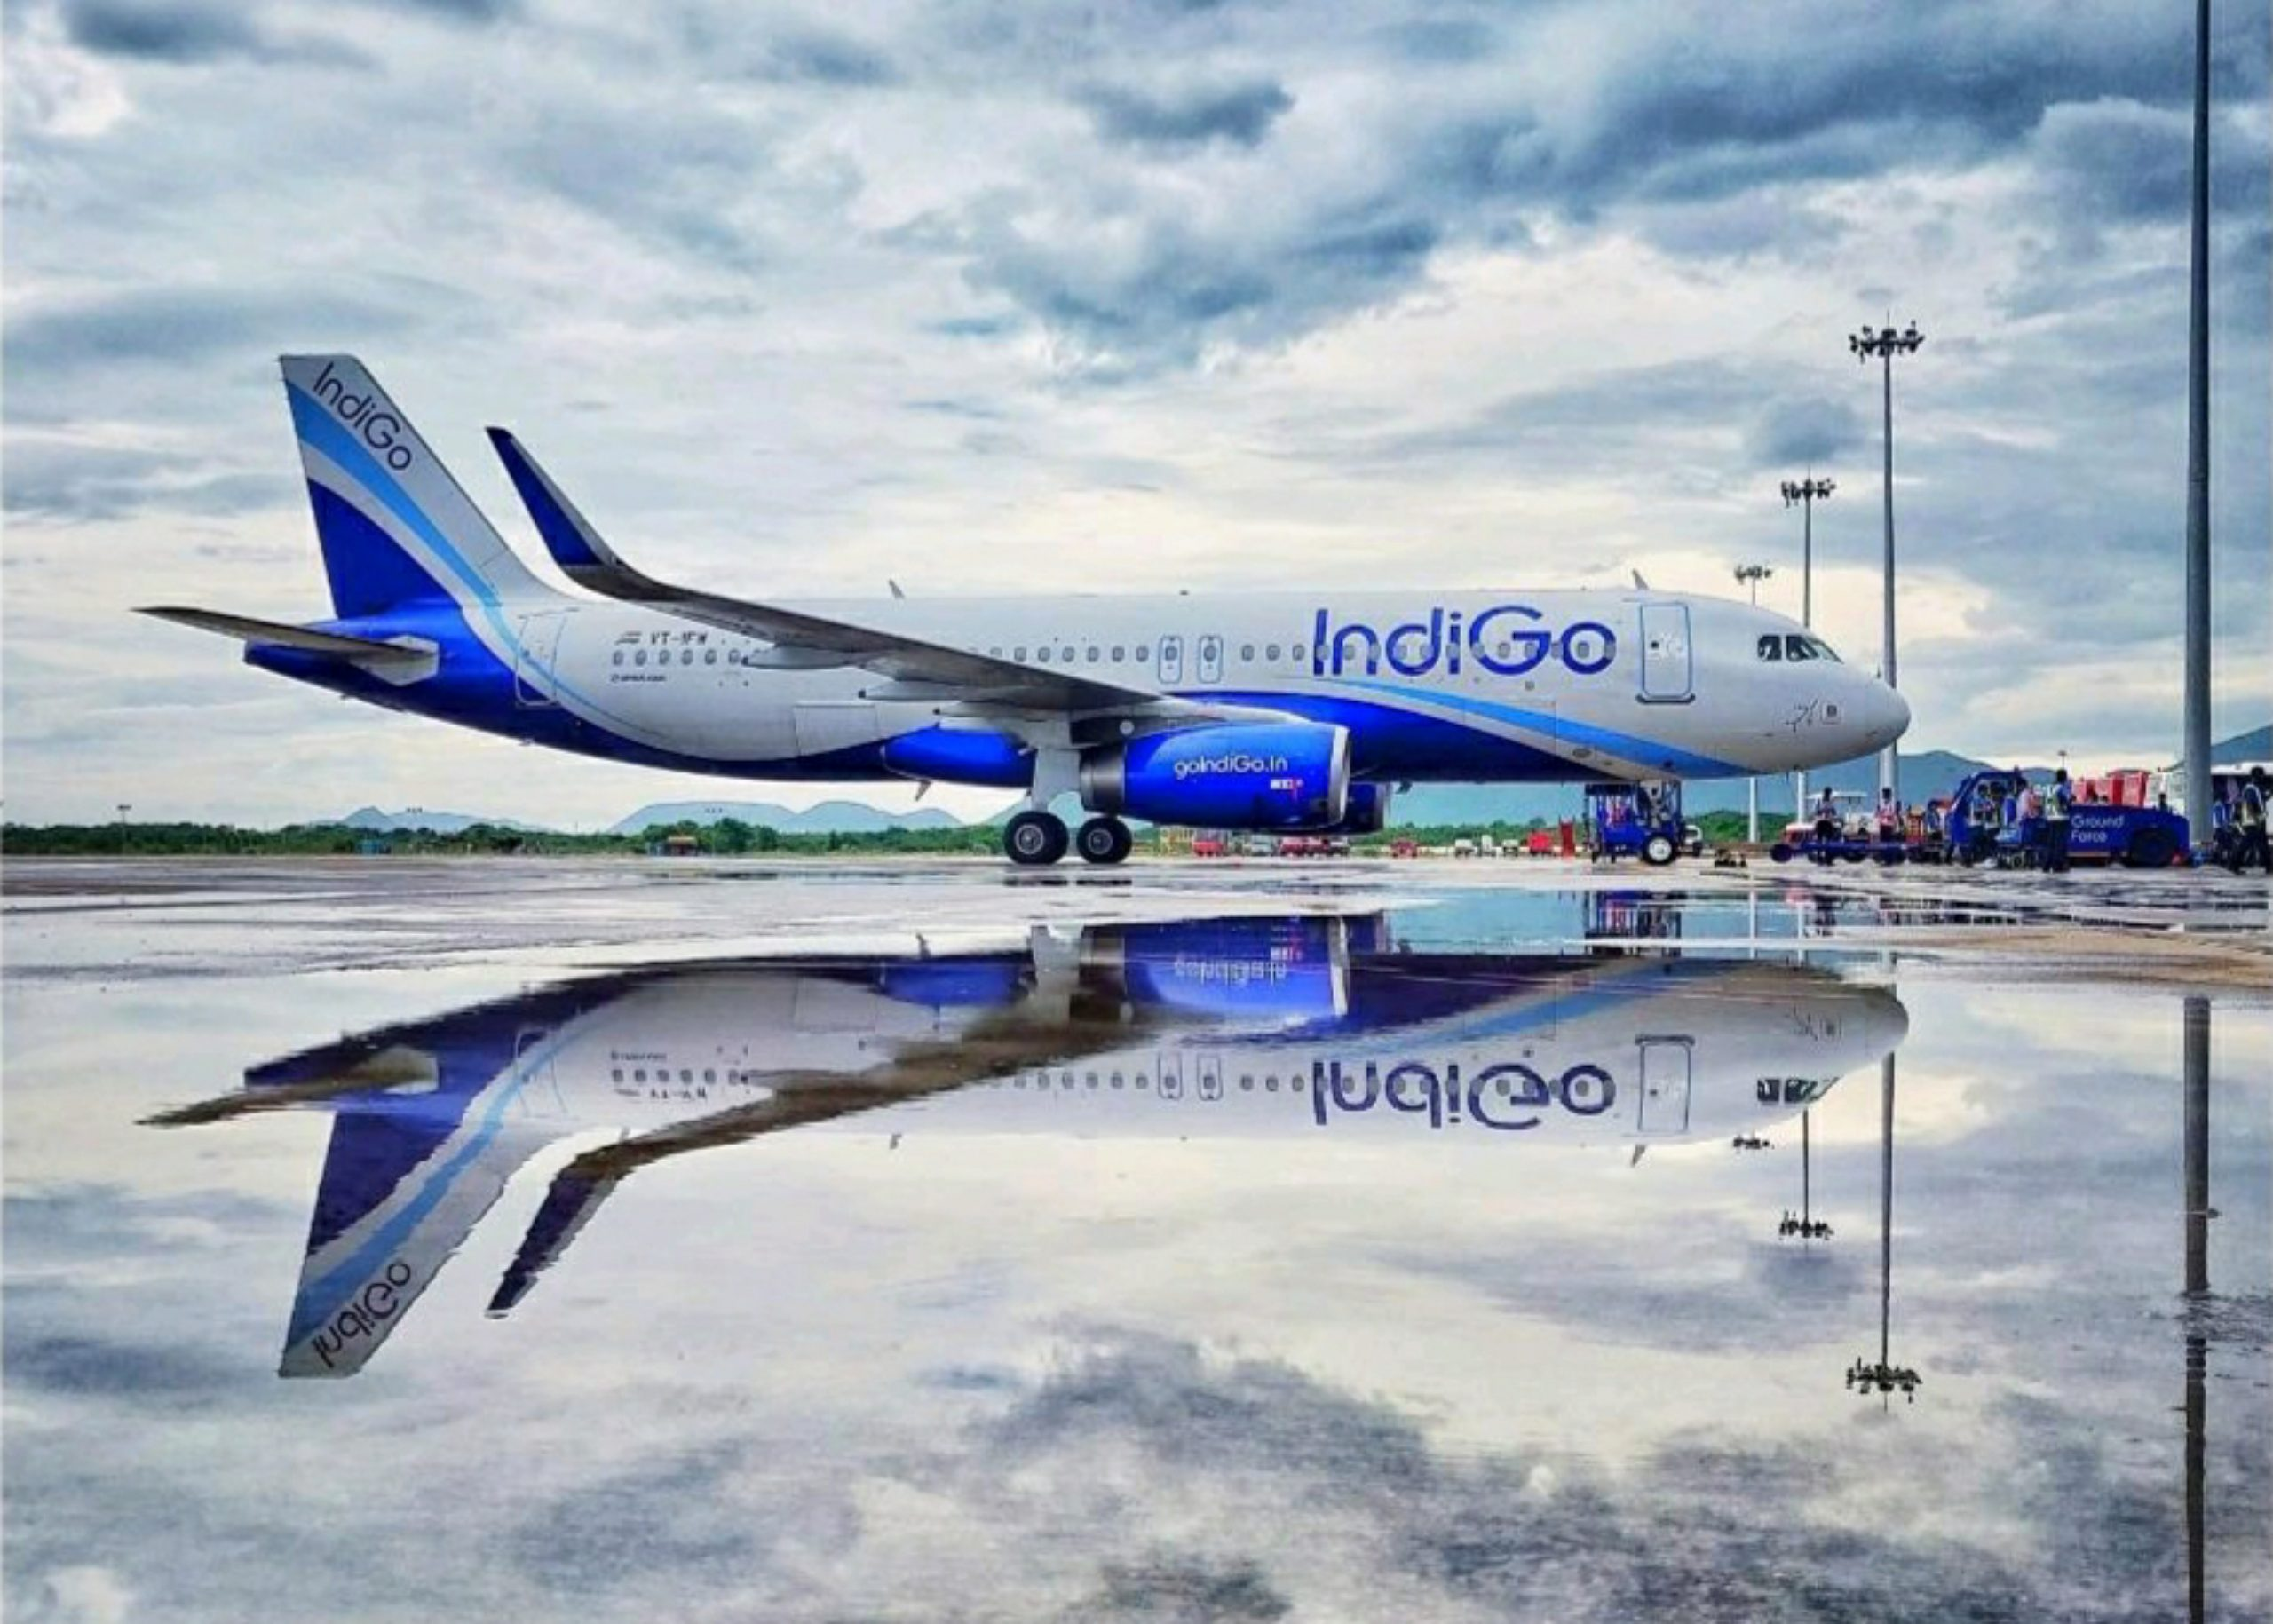 Airplane at IGI Airport, Delhi.